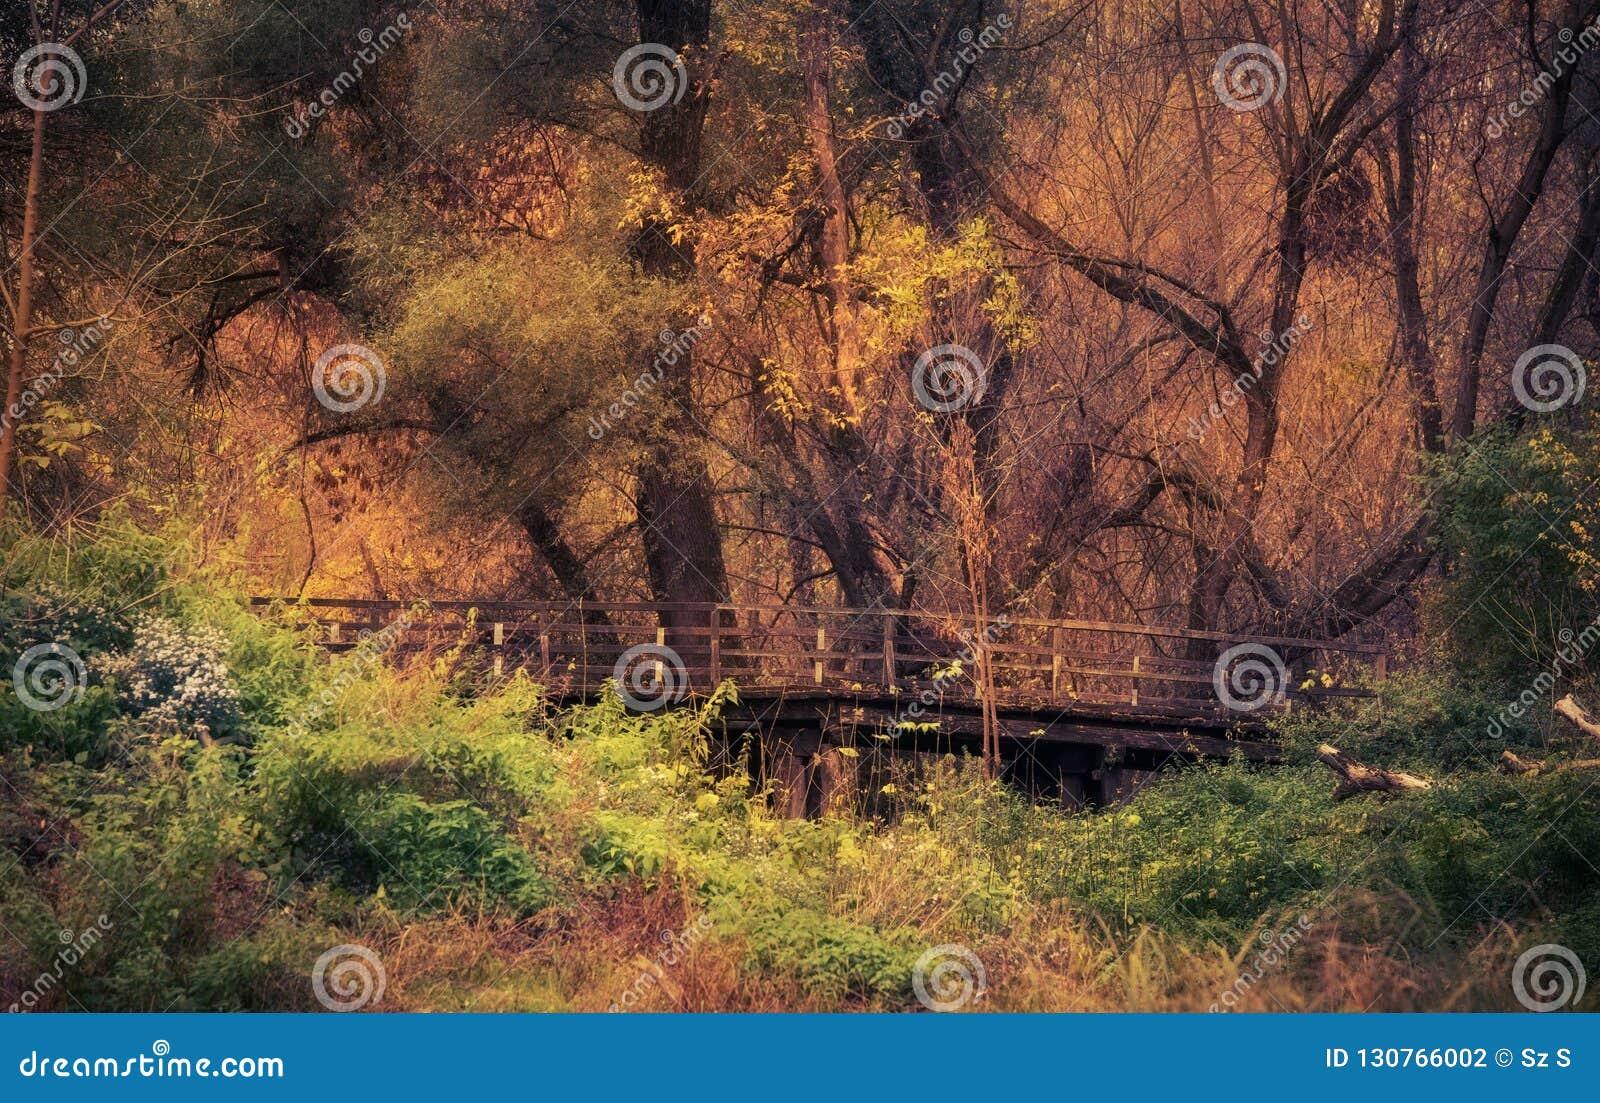 Piękny złoty las jesień dzień